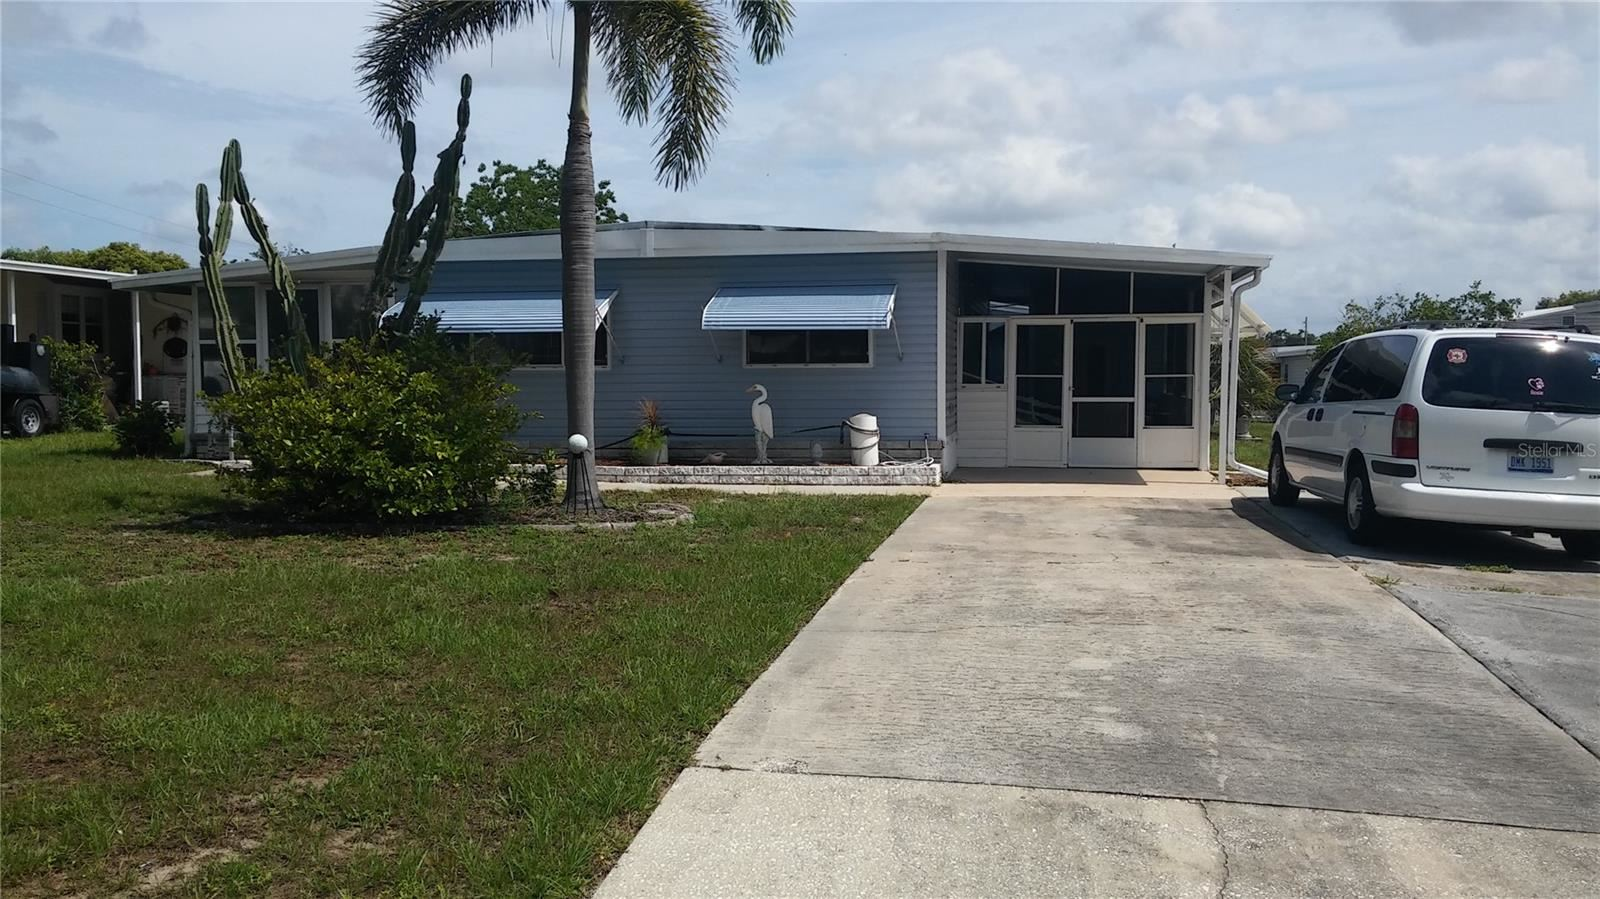 241 LAKE TARPON DRIVE #24, Palm Harbor, FL 34684 - #: U8126058